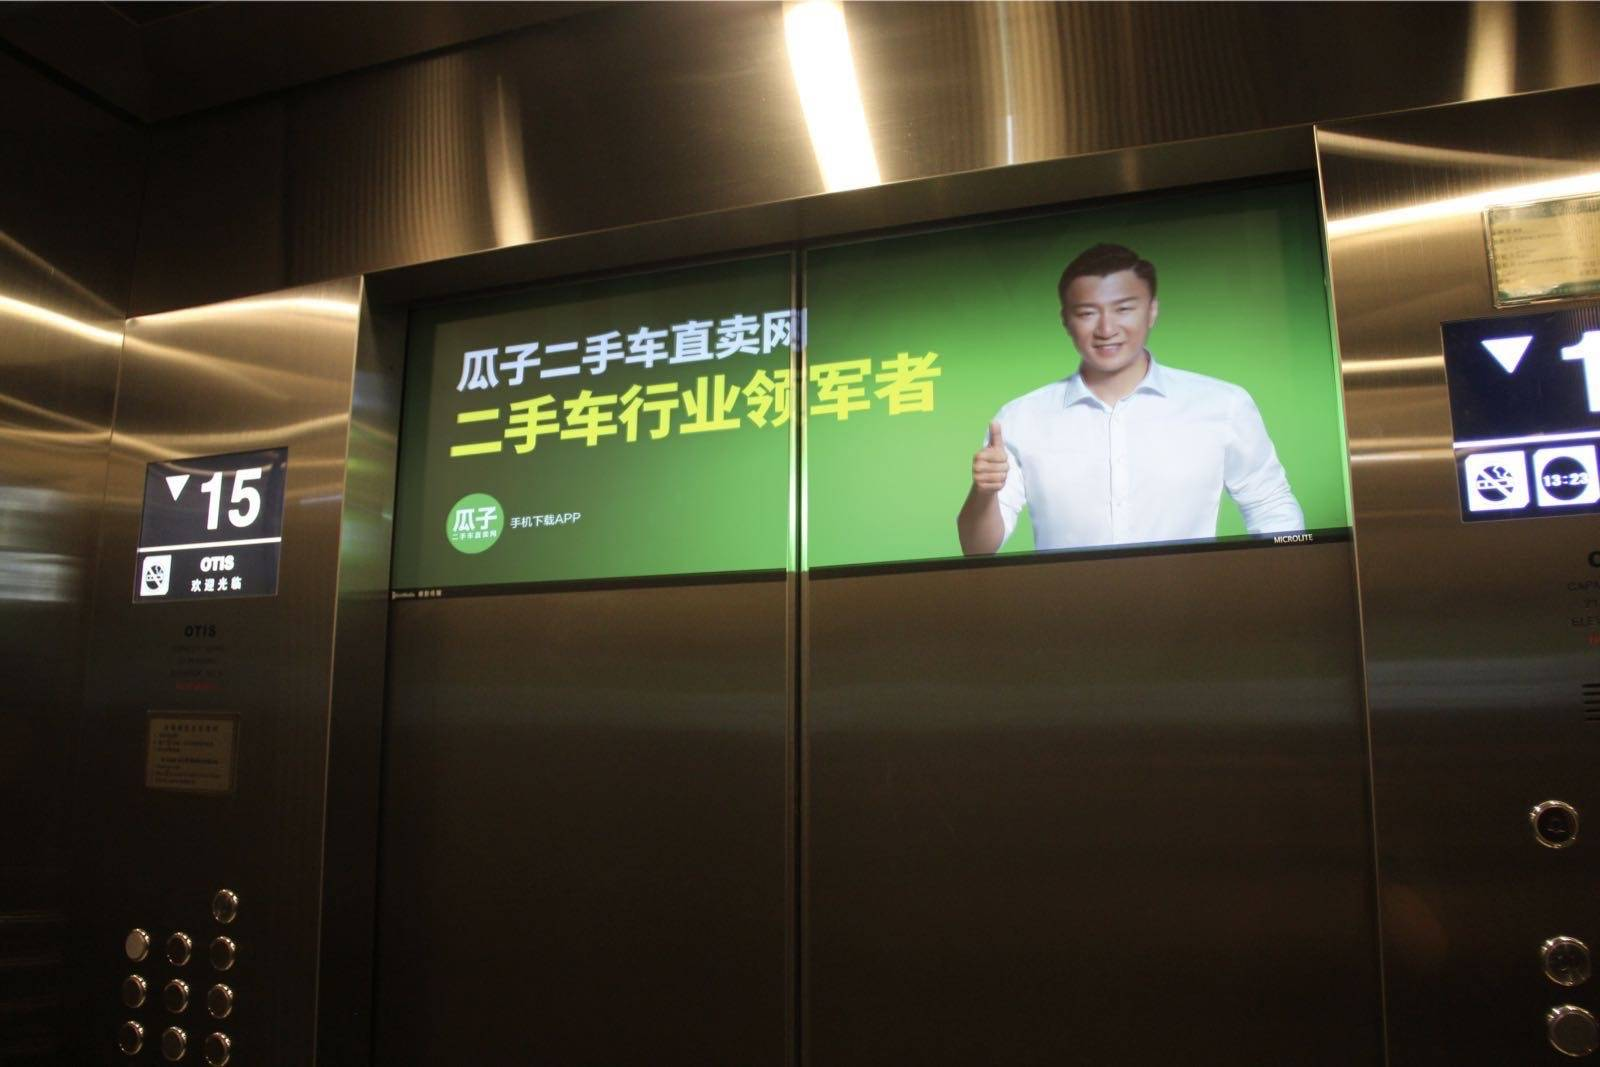 哈尔滨电梯投影广告